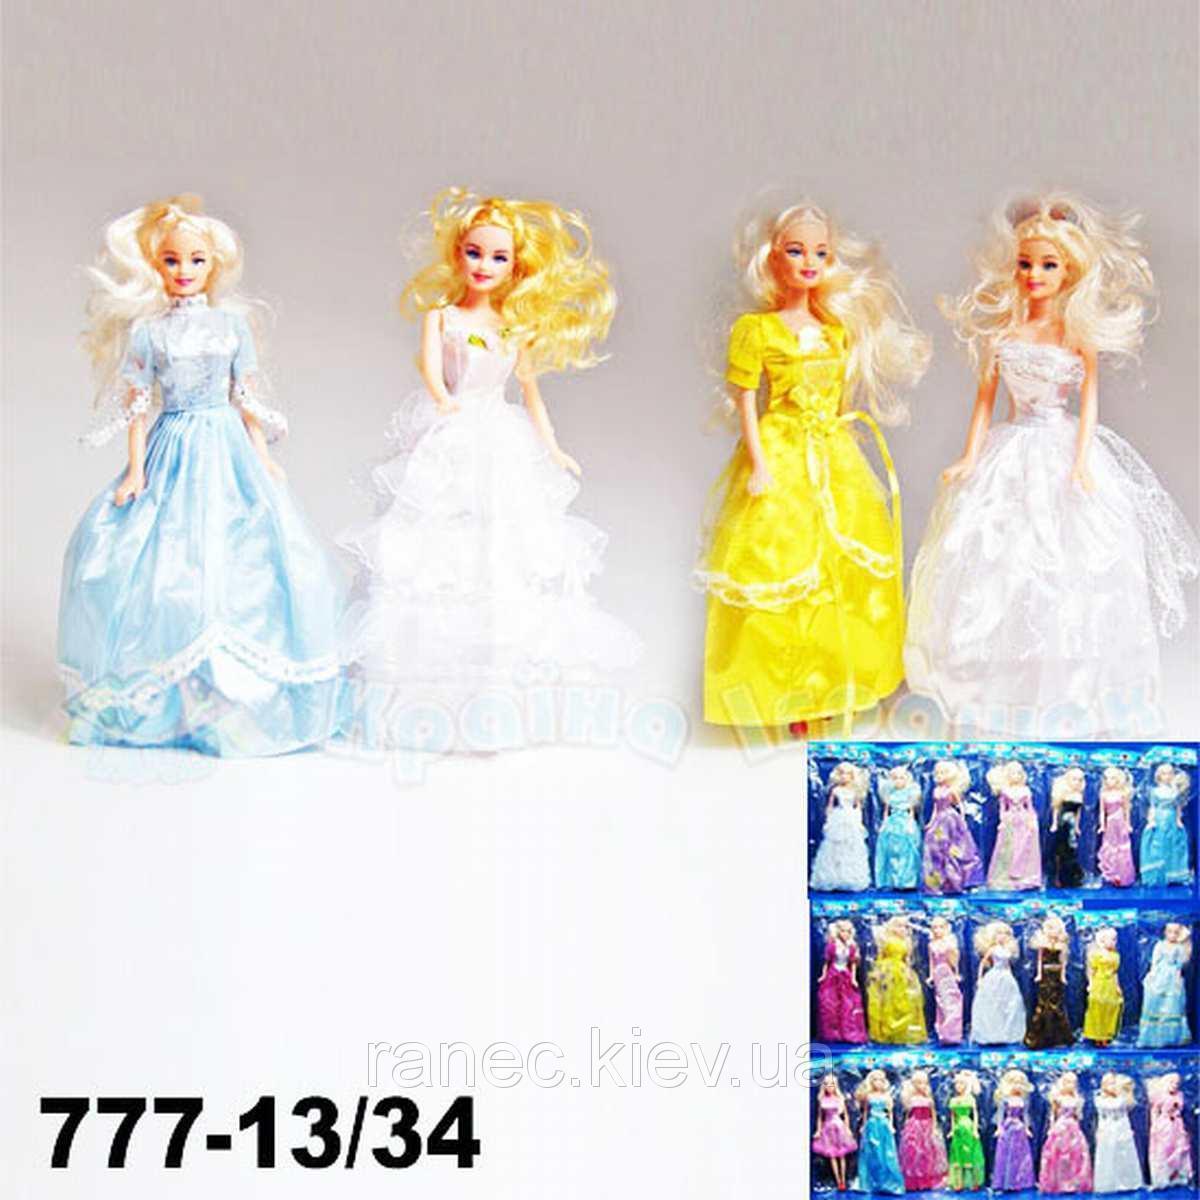 Лялька Барбі 777-13/34, 22 види, в кульку 28см